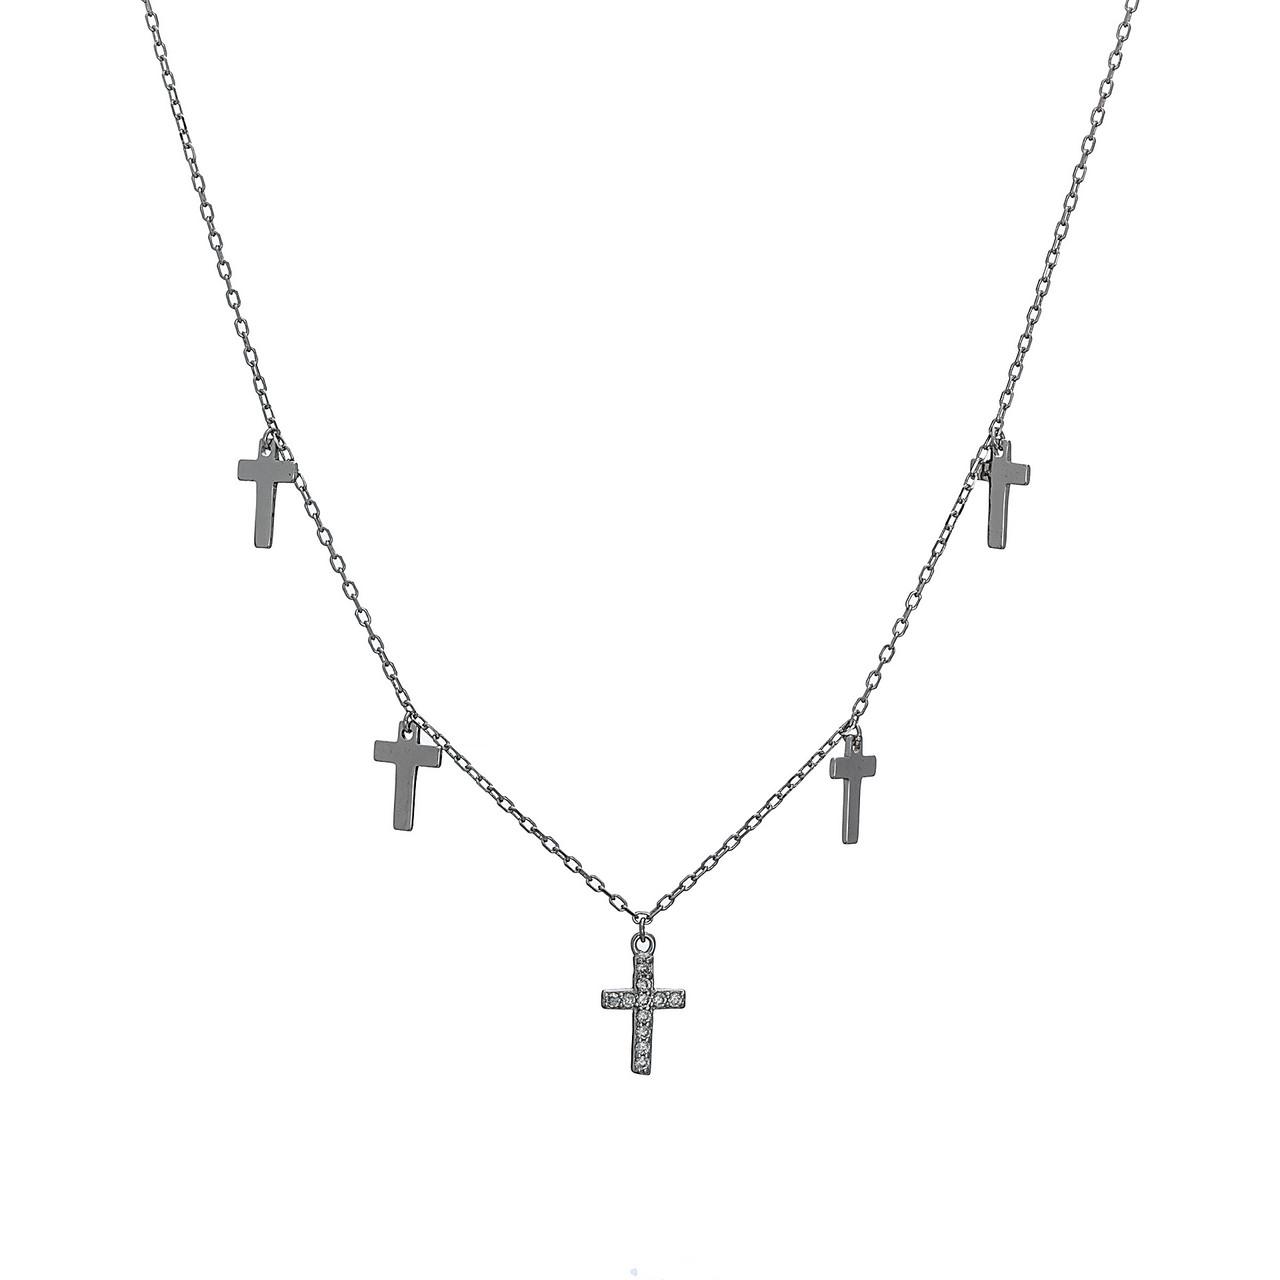 Серебряная подвеска (колье) с подвесными крестами. Вставка: белые фианиты, вес: 2,3 гр, длина: 40+5